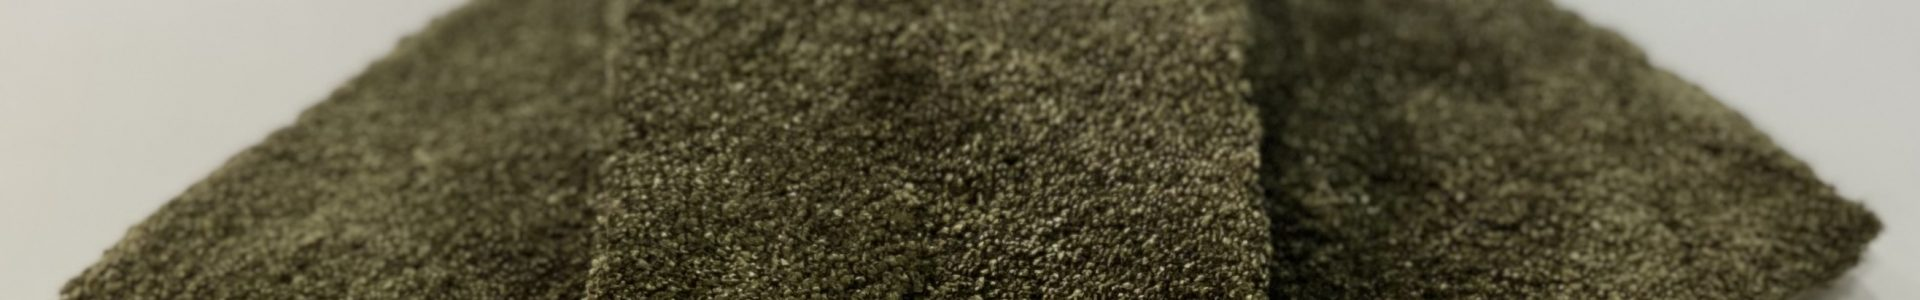 Dried Herb (sample)